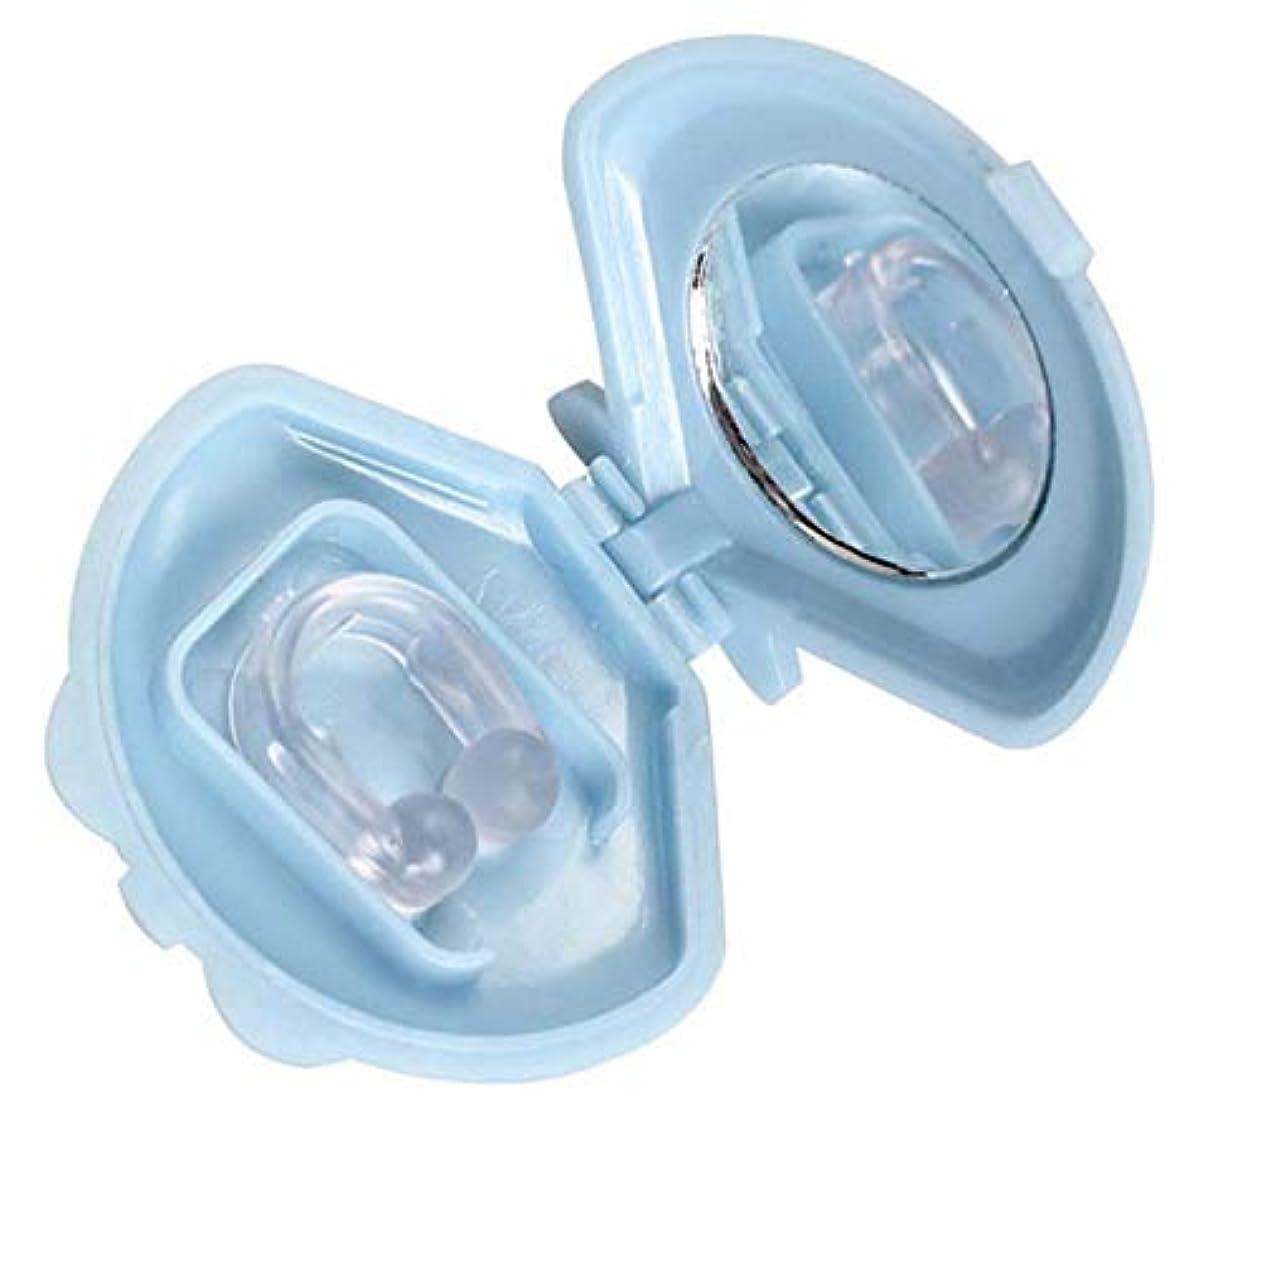 ケーキテセウスリップNOTE アンチいびきストップいびき鼻クリップ鼻拡張器再使用可能な夜睡眠補助鼻クリップ抗いびきデバイス健康的な睡眠